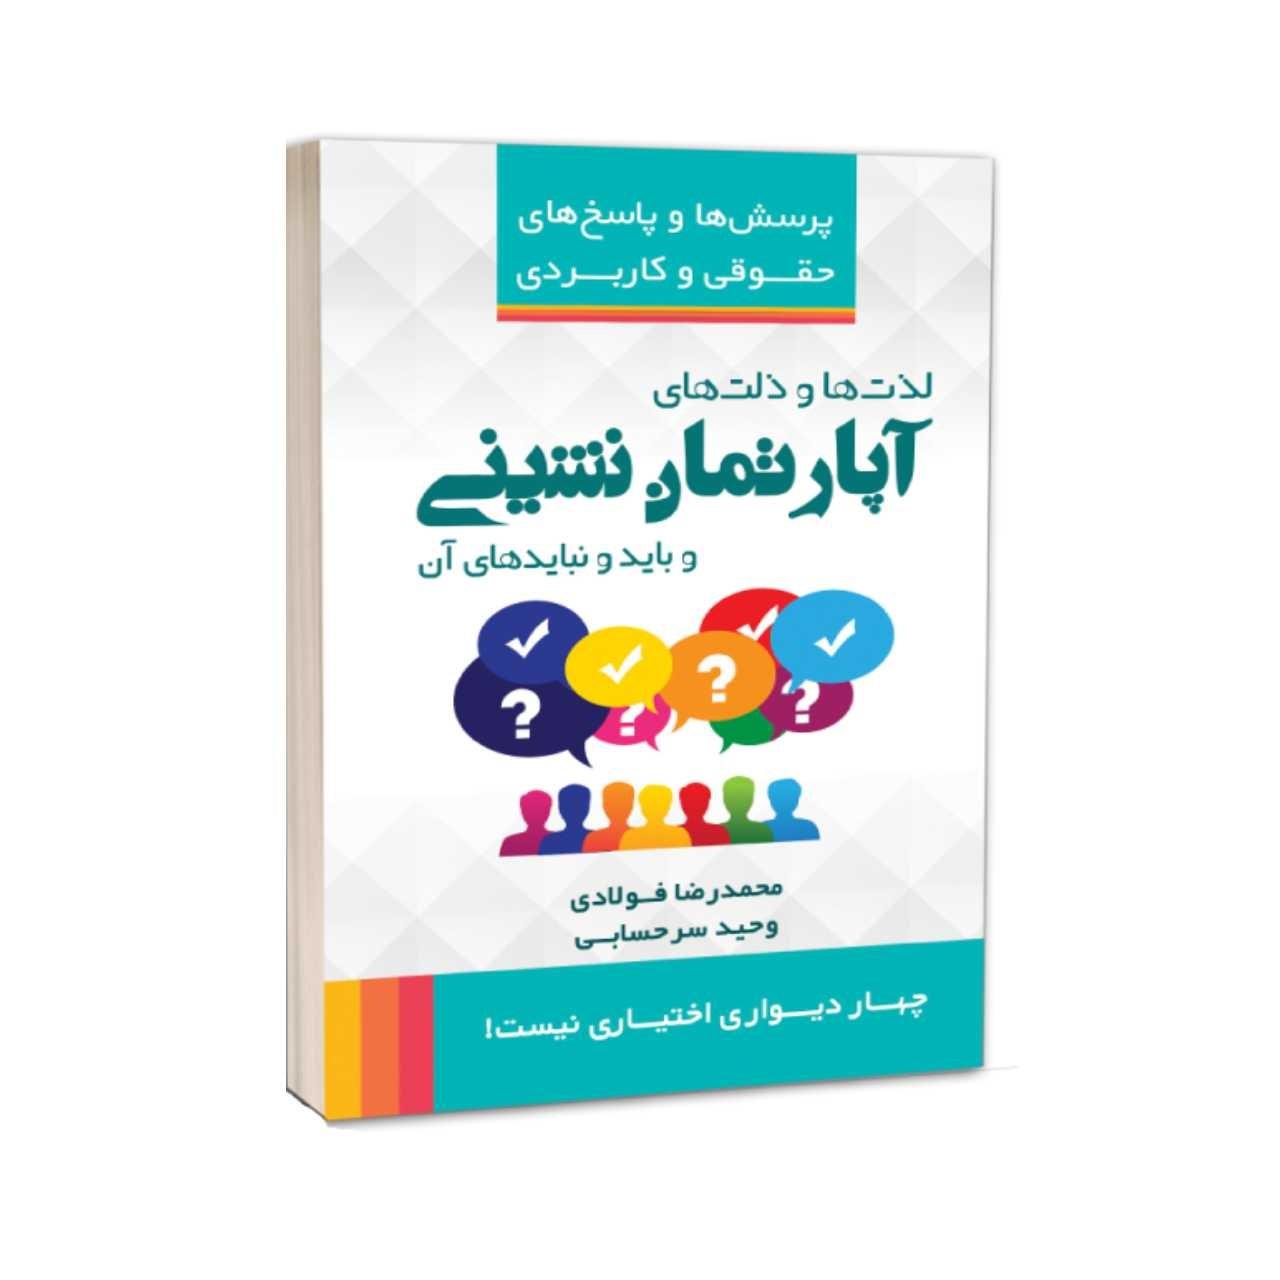 کتاب پرسش ها و پاسخ های آپارتمان نشینی اثر محمدرضا فولادی